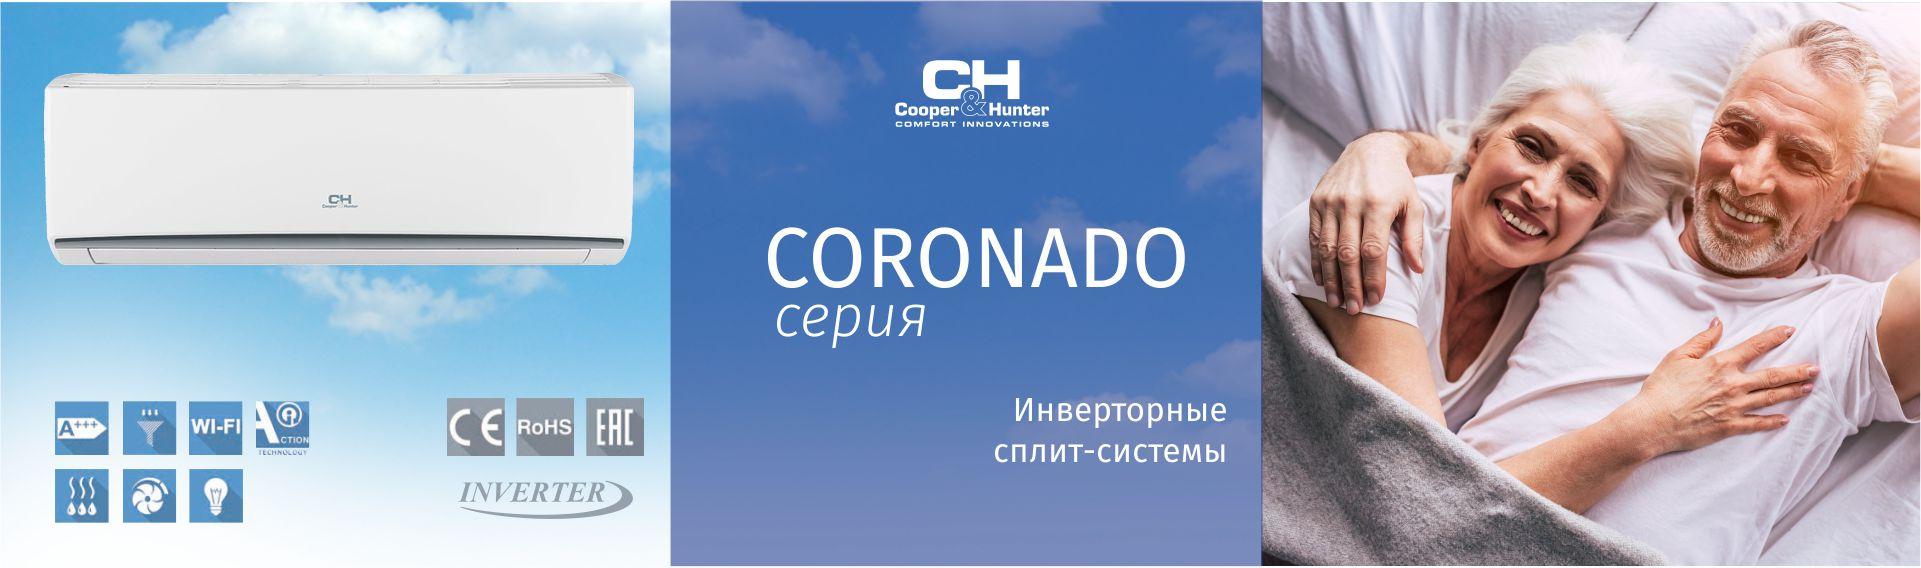 Серия Coronado